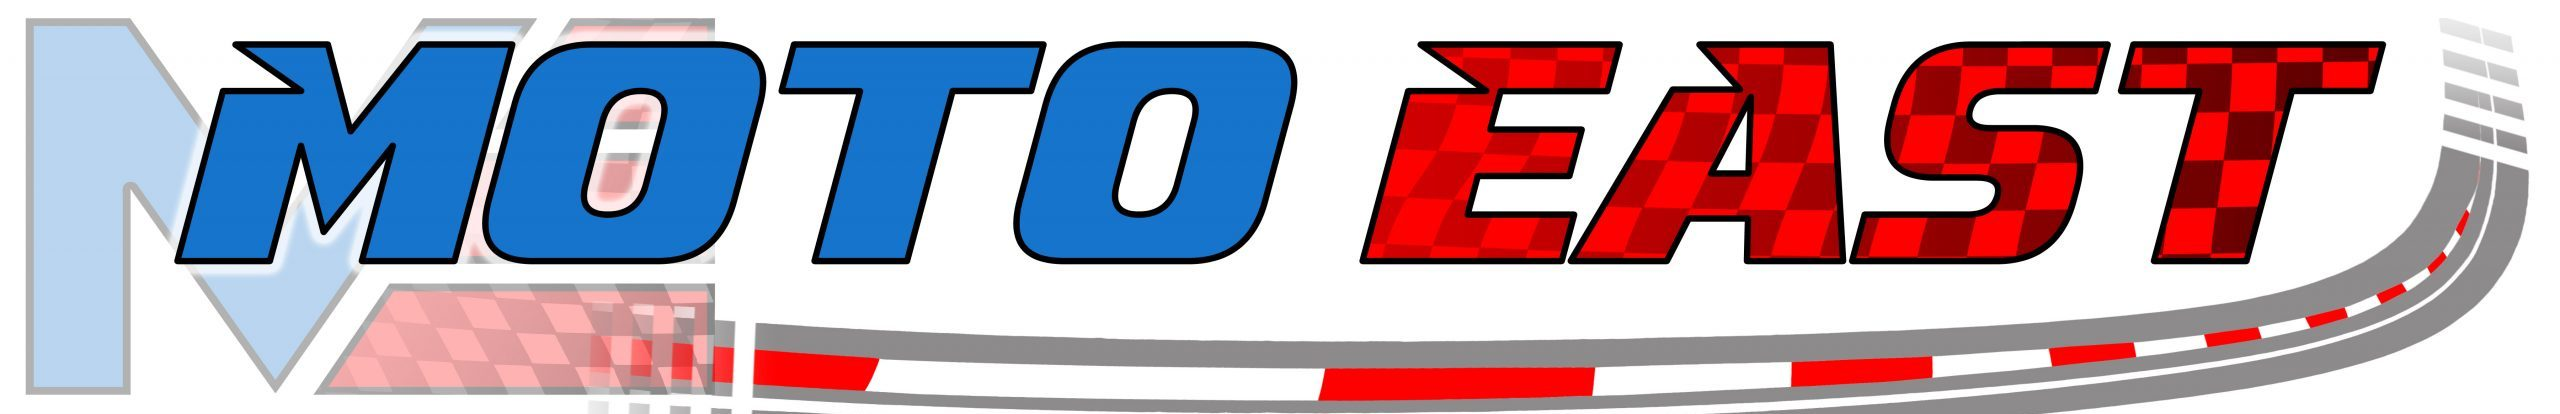 Moto East Tuning & Performance. ISI, Subaru BRZ/FR-S, Nissan G37/370Z, Subaru WRX/STI/FXT Tuning.